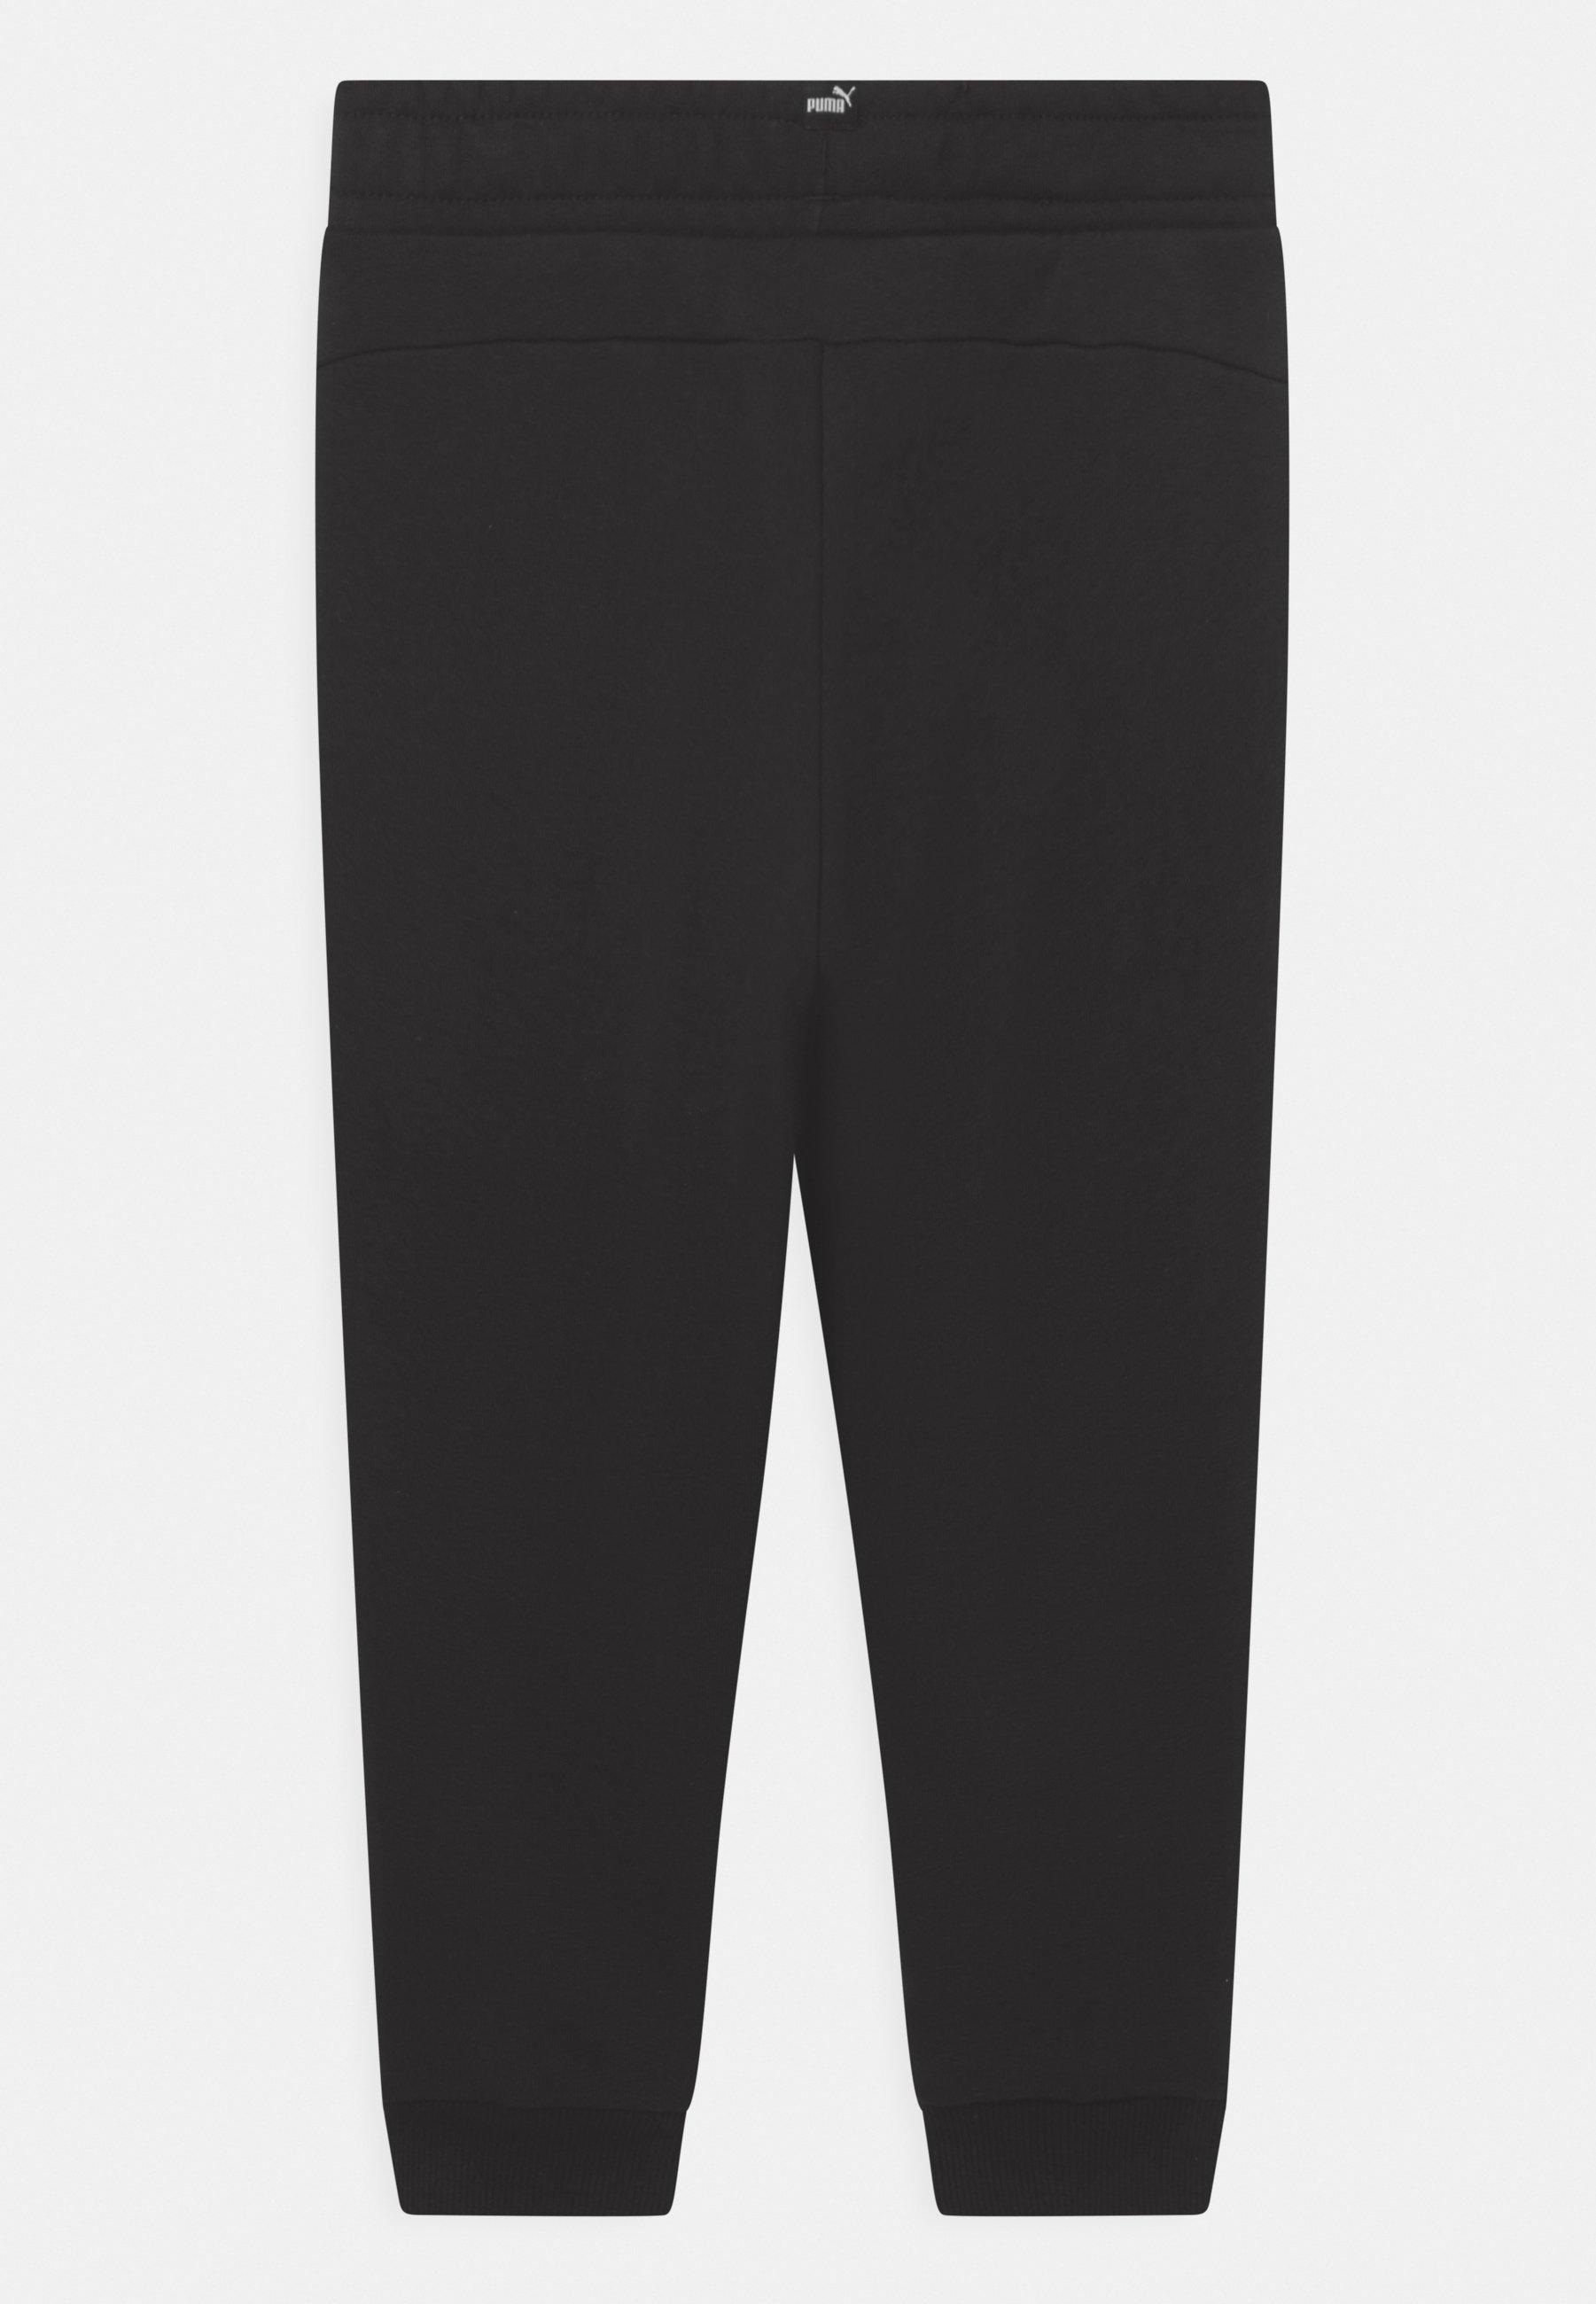 Enfant LOGO PANTS UNISEX - Pantalon de survêtement